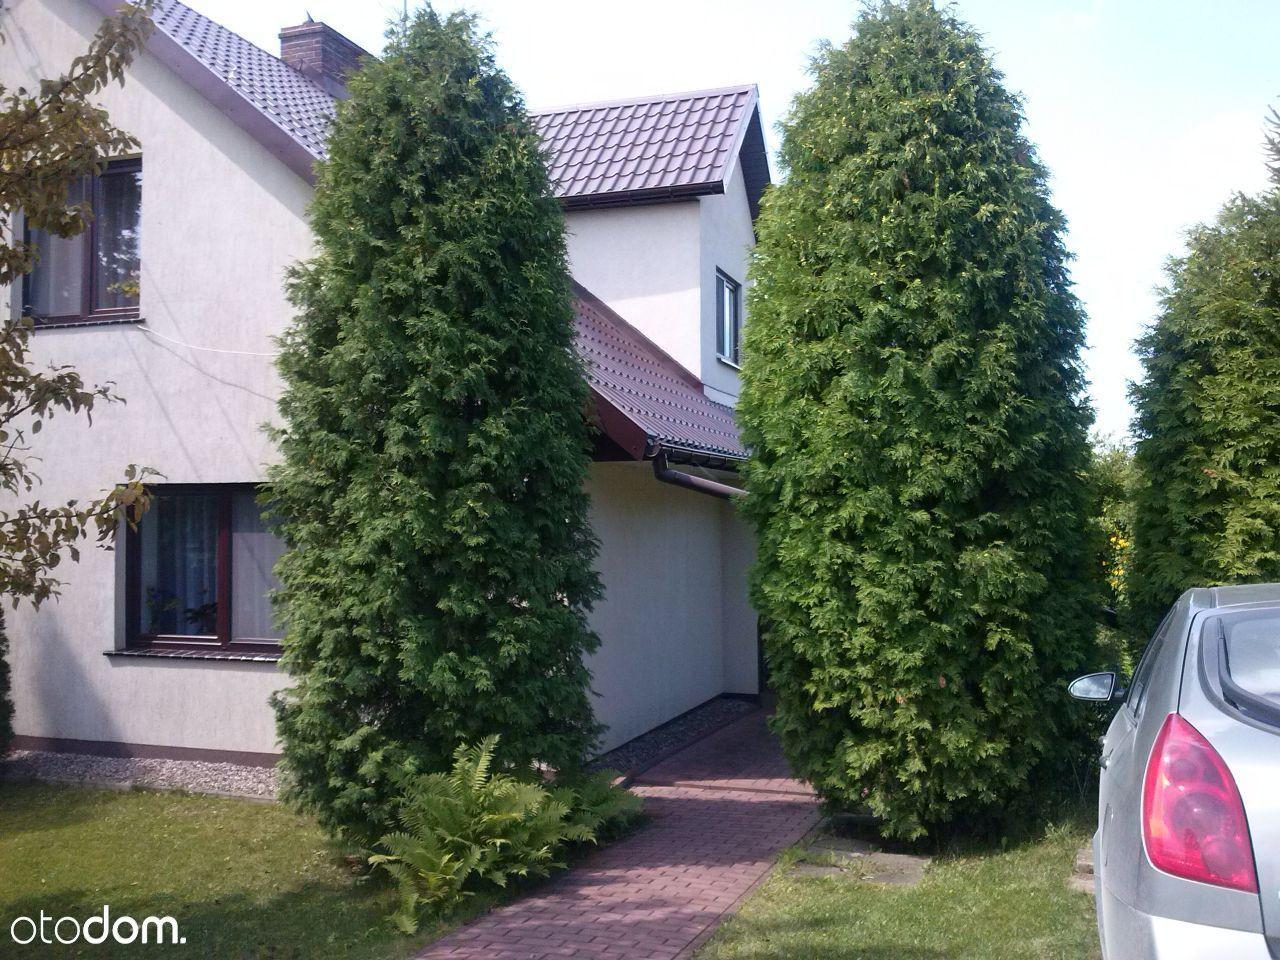 Dom na sprzedaż, Burbiszki, sejneński, podlaskie - Foto 1